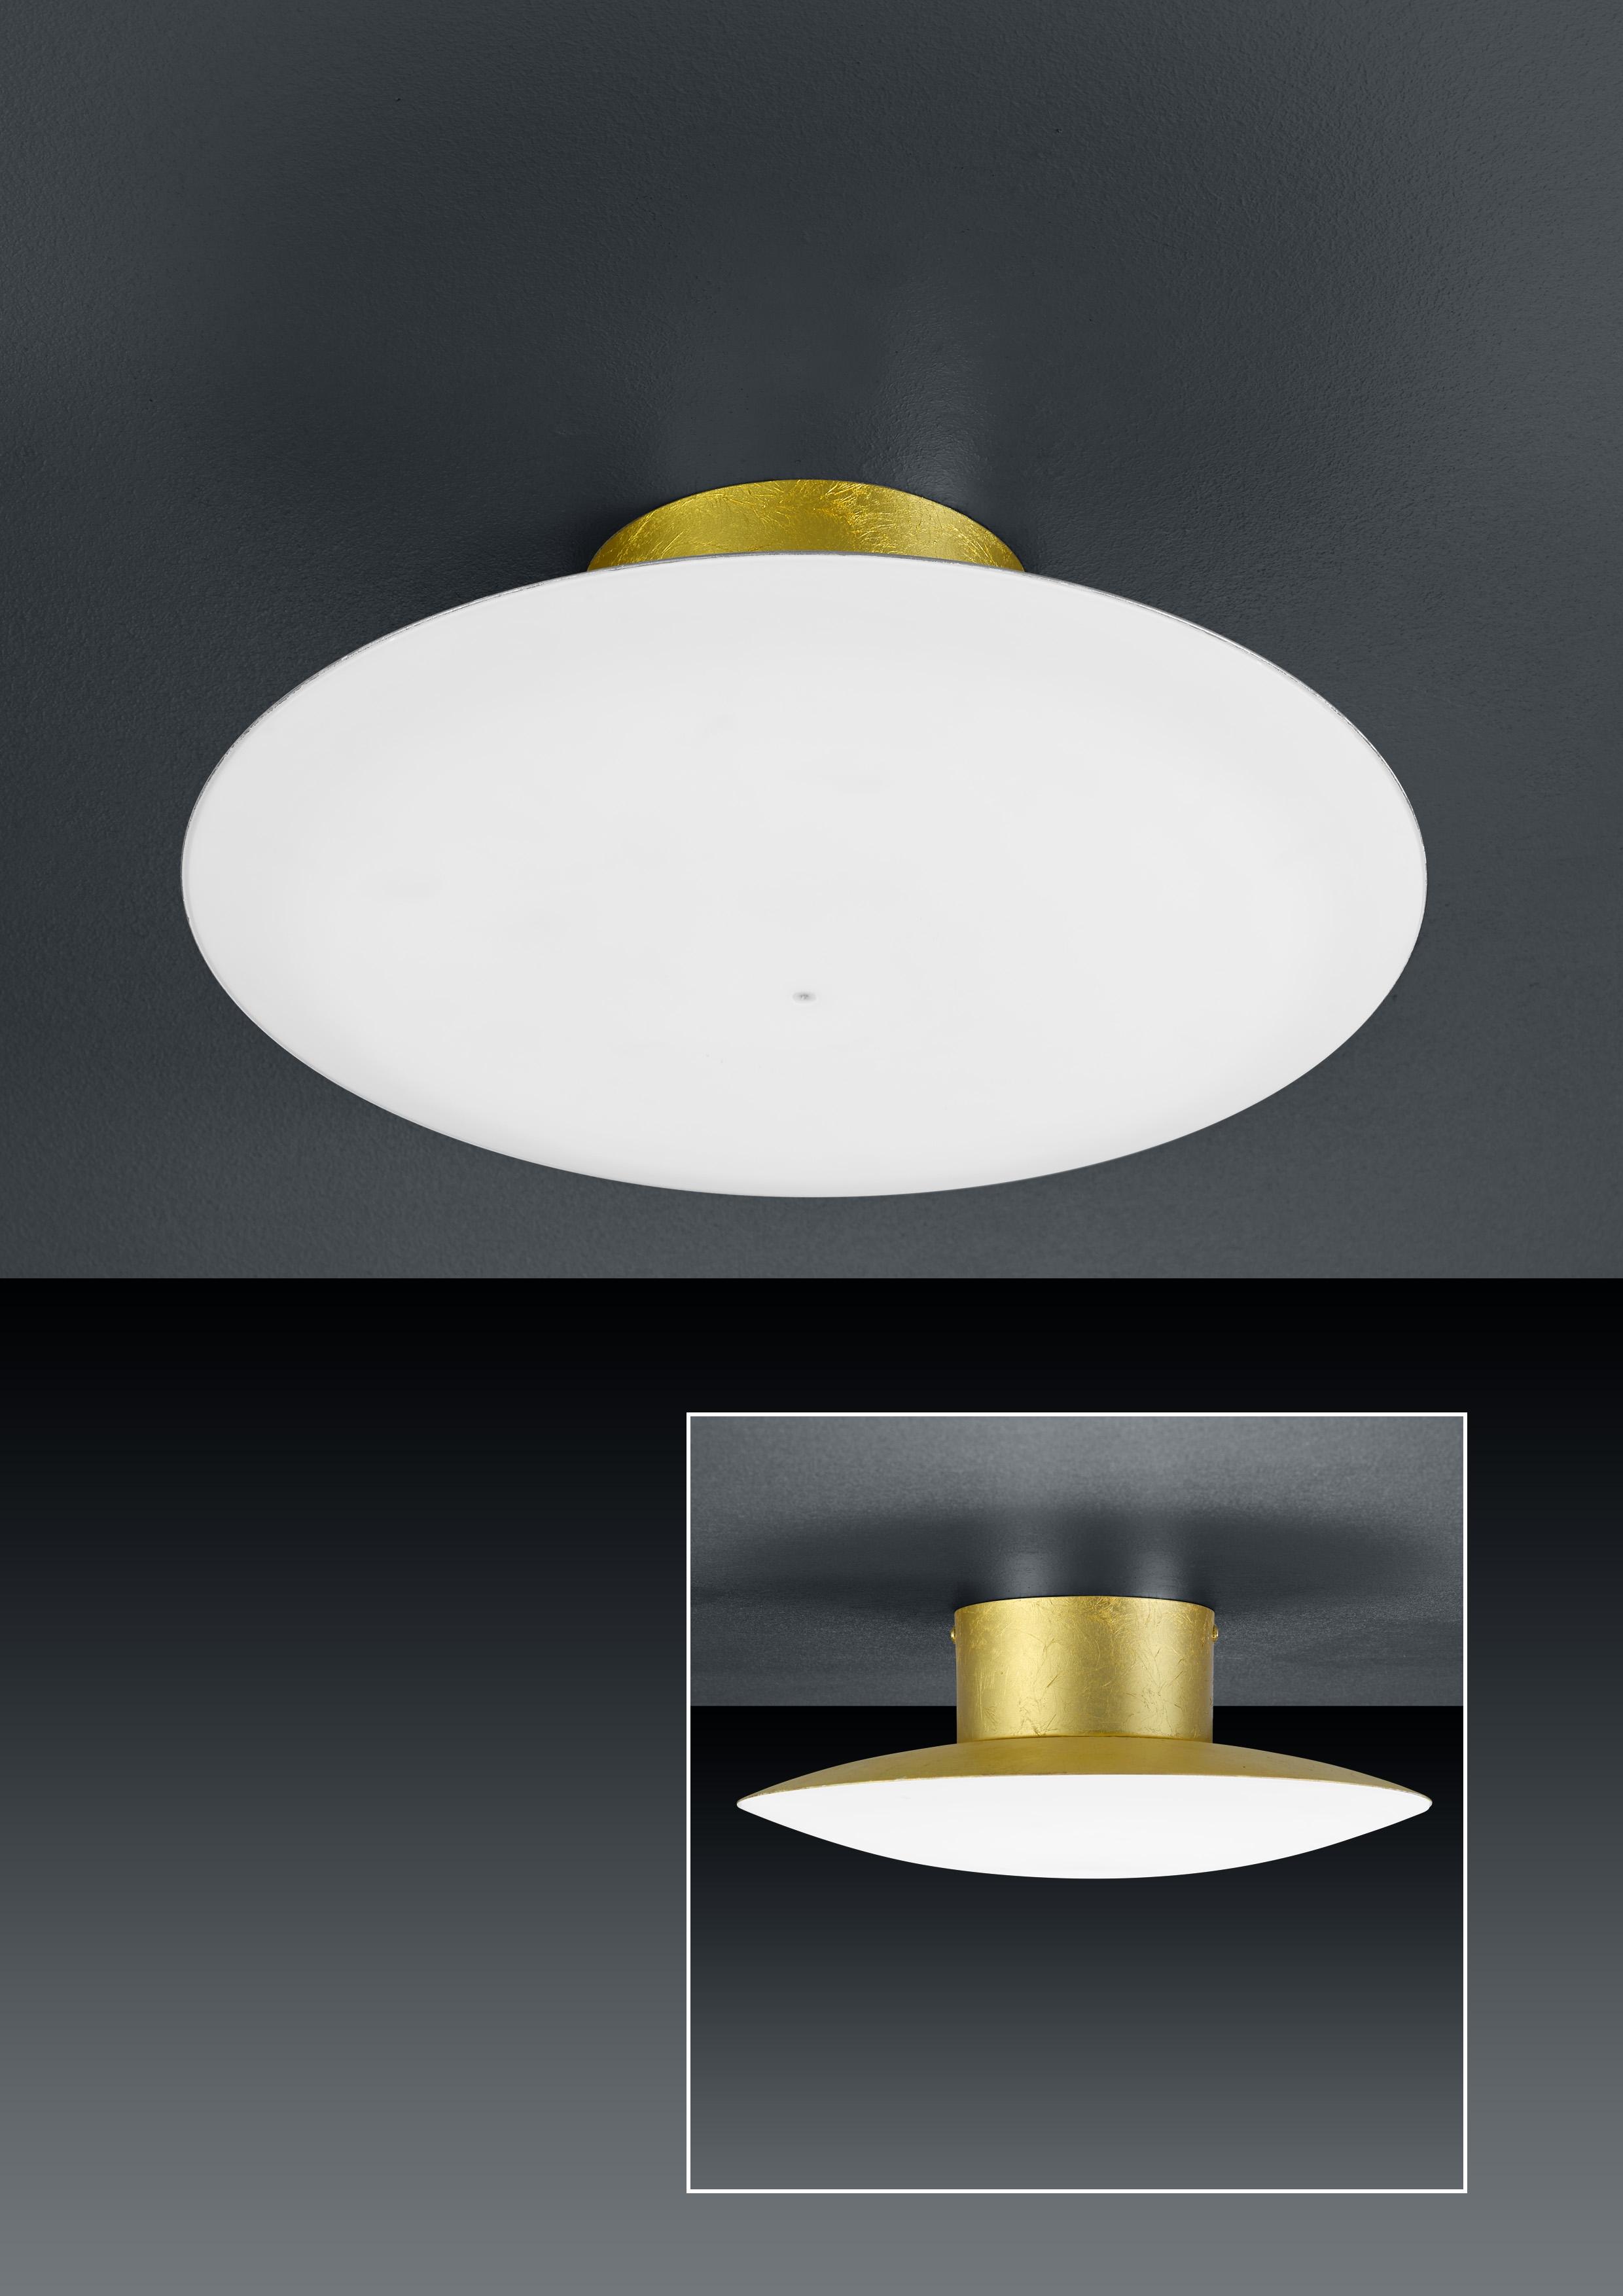 LED-Deckenleuchte Luce Elevata Pure up von BANKAMP Leuchtenmanufaktur